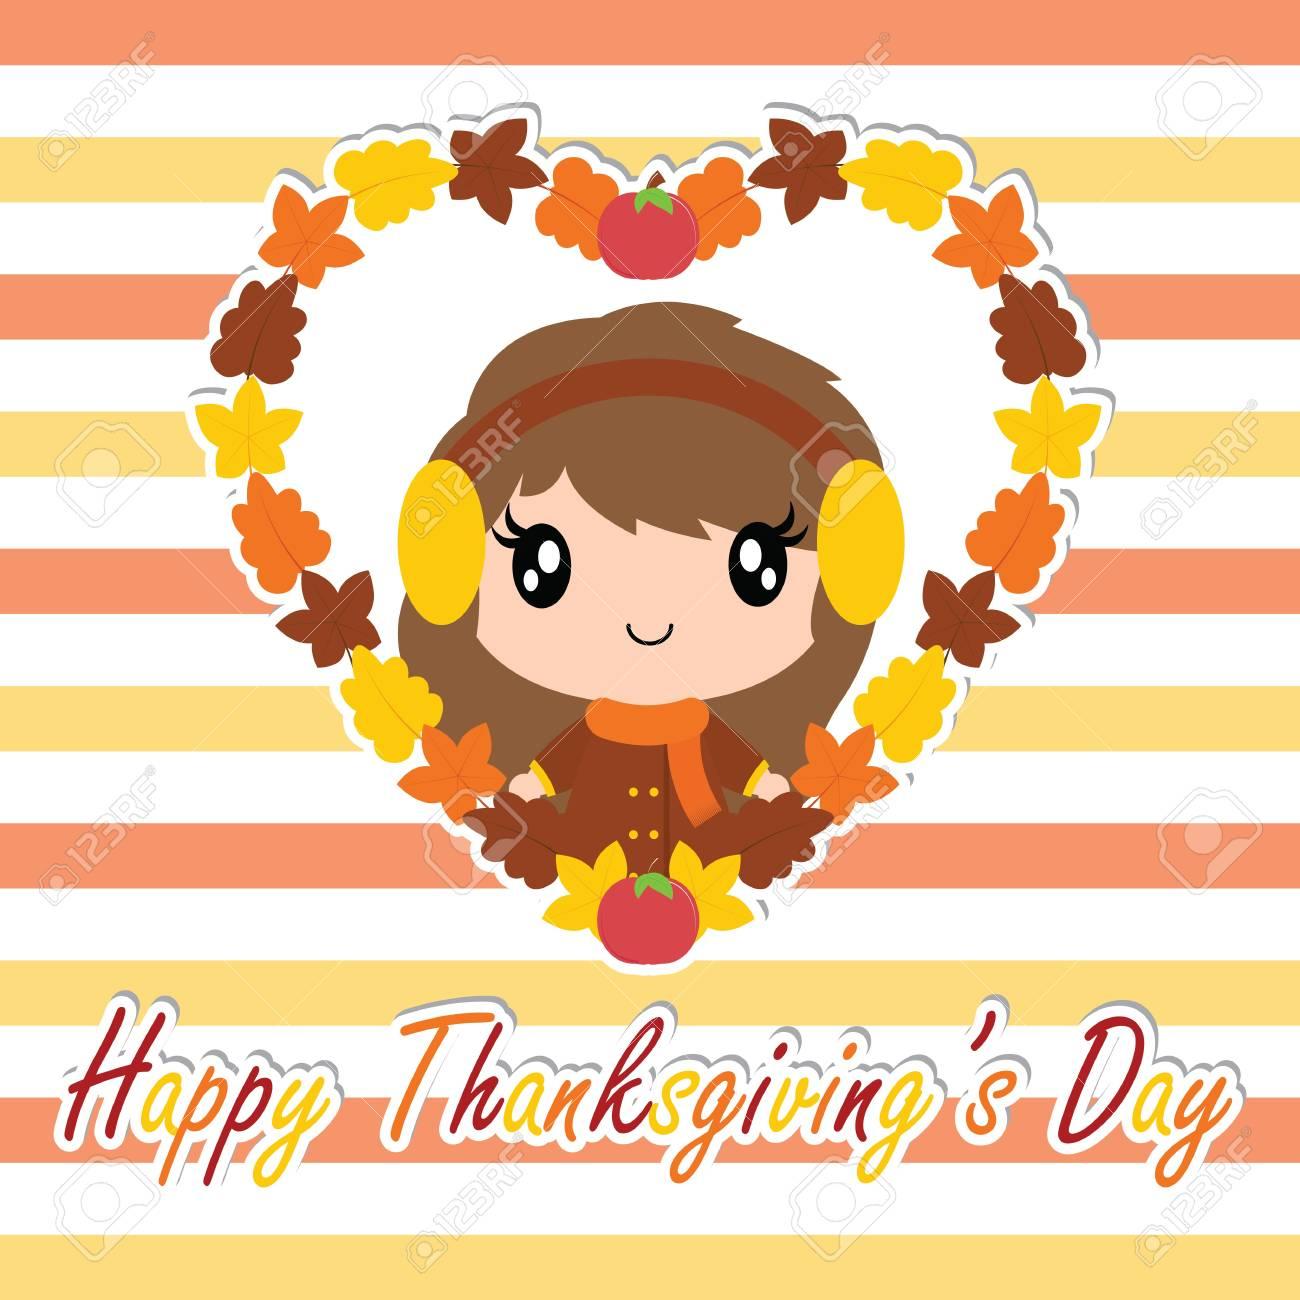 メープルでかわいい女の子が感謝祭の日カードのデザイン壁紙